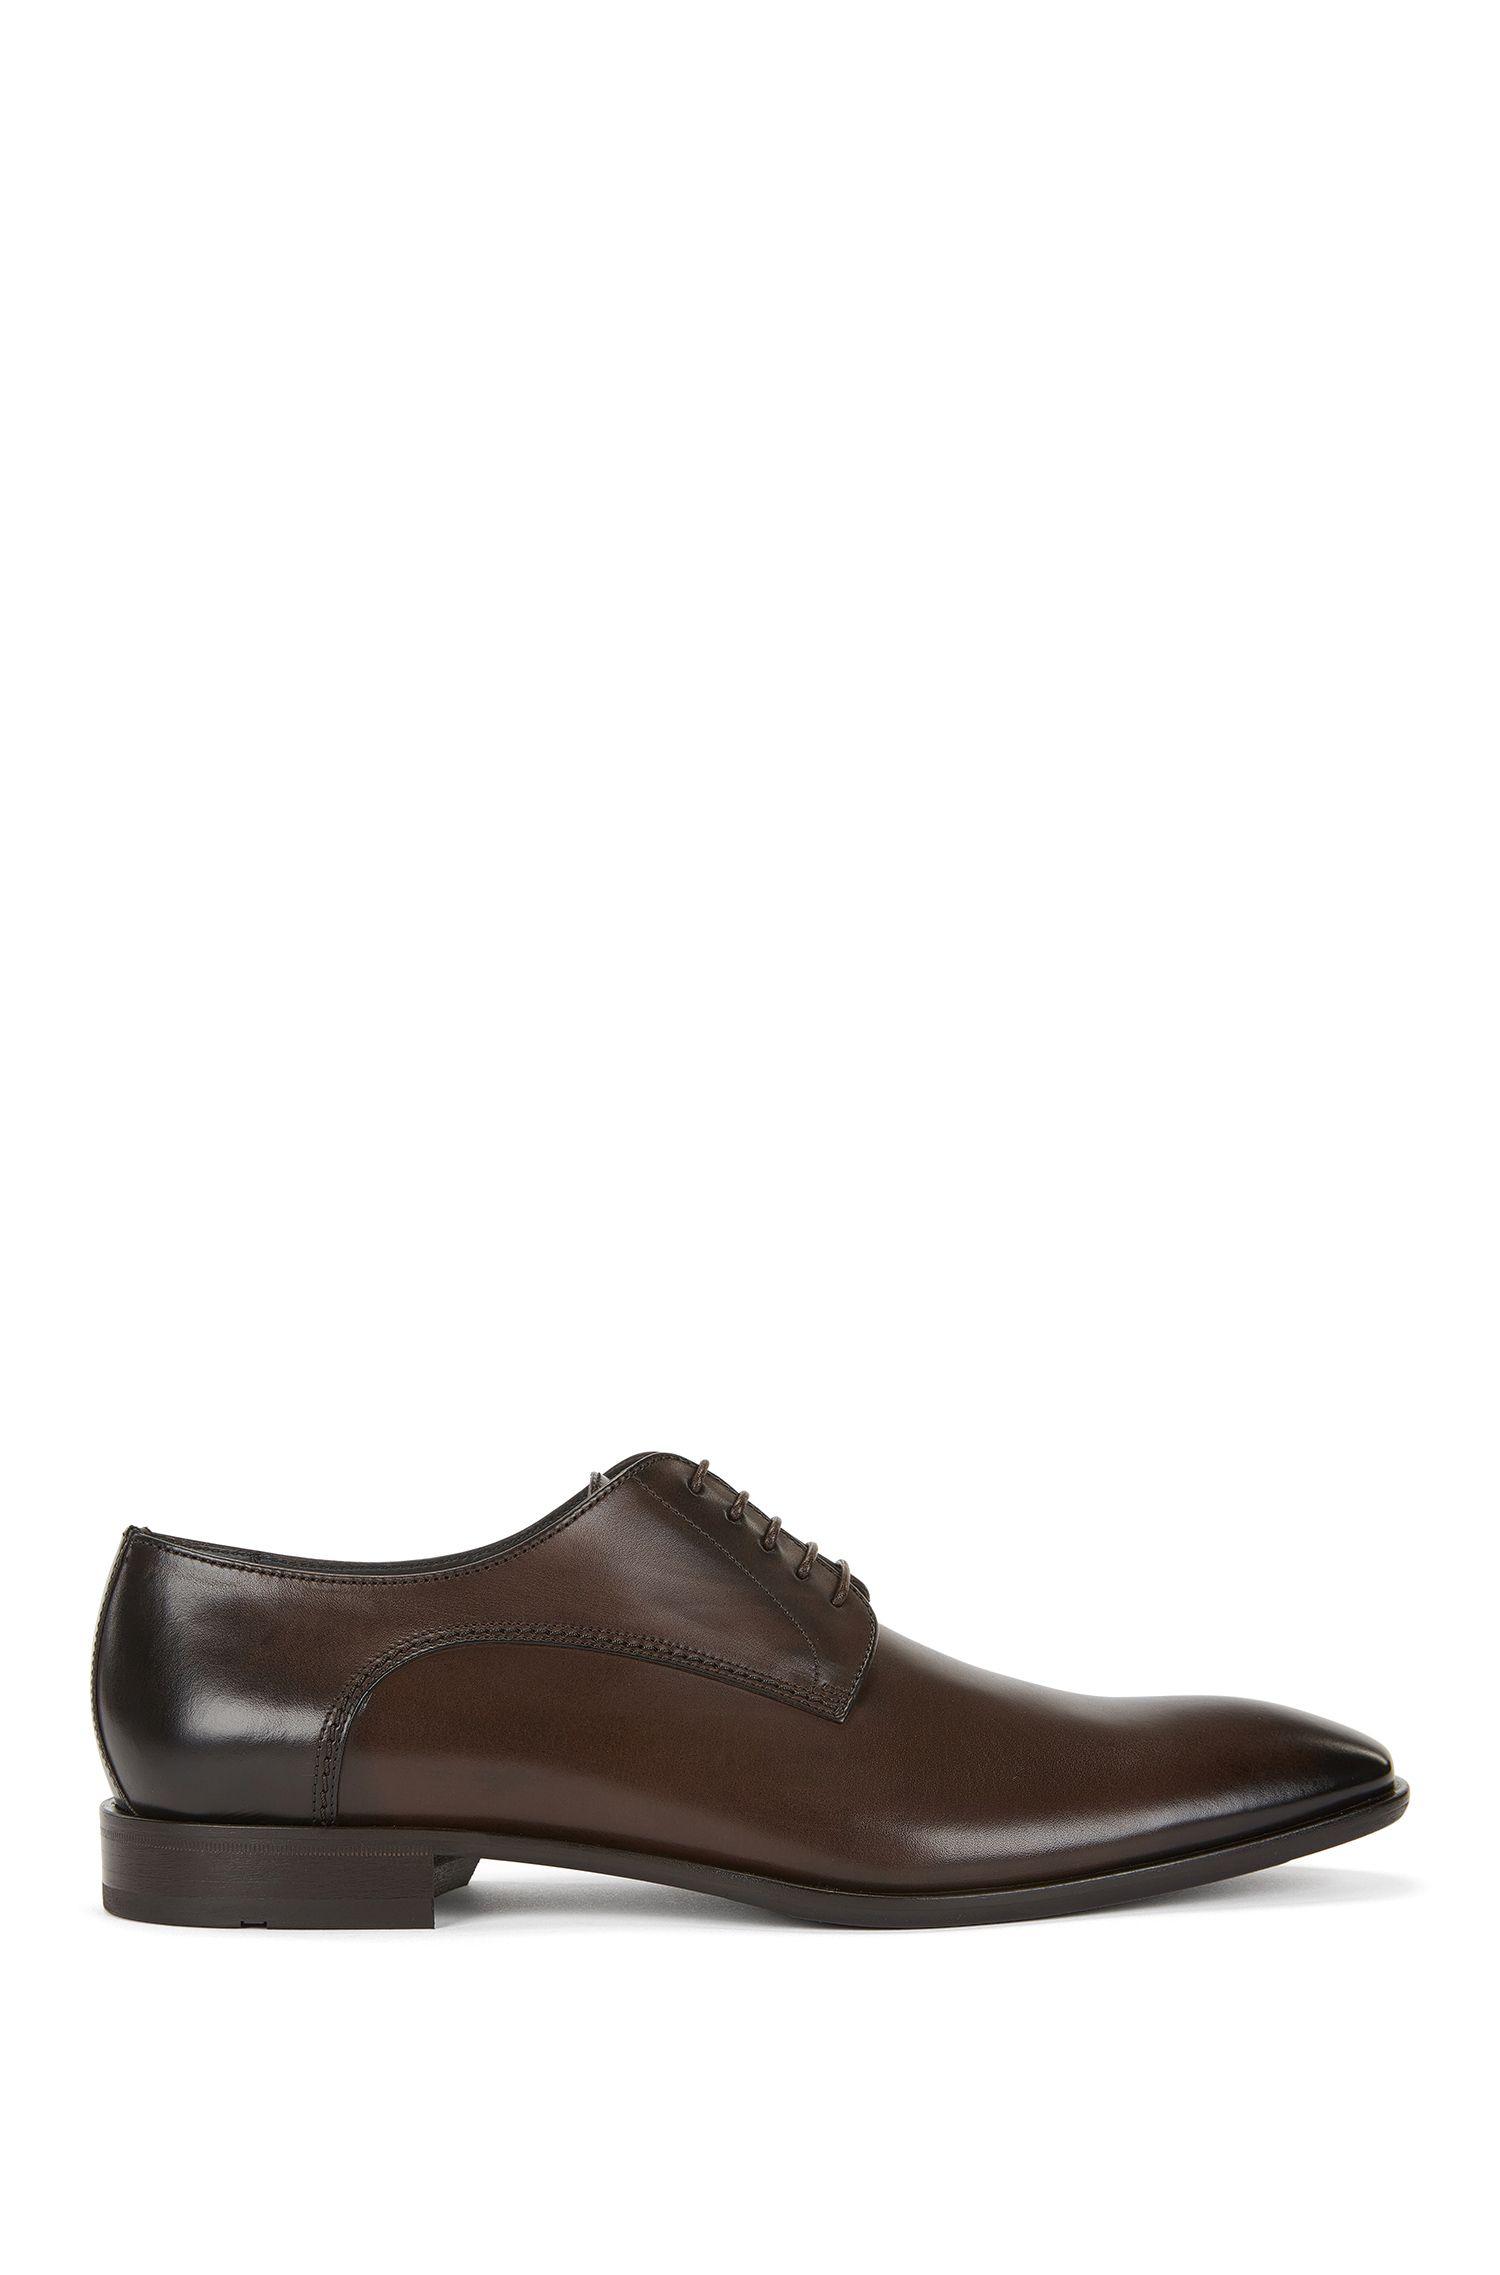 Zapatos estilo Oxford en piel con acabado clásico